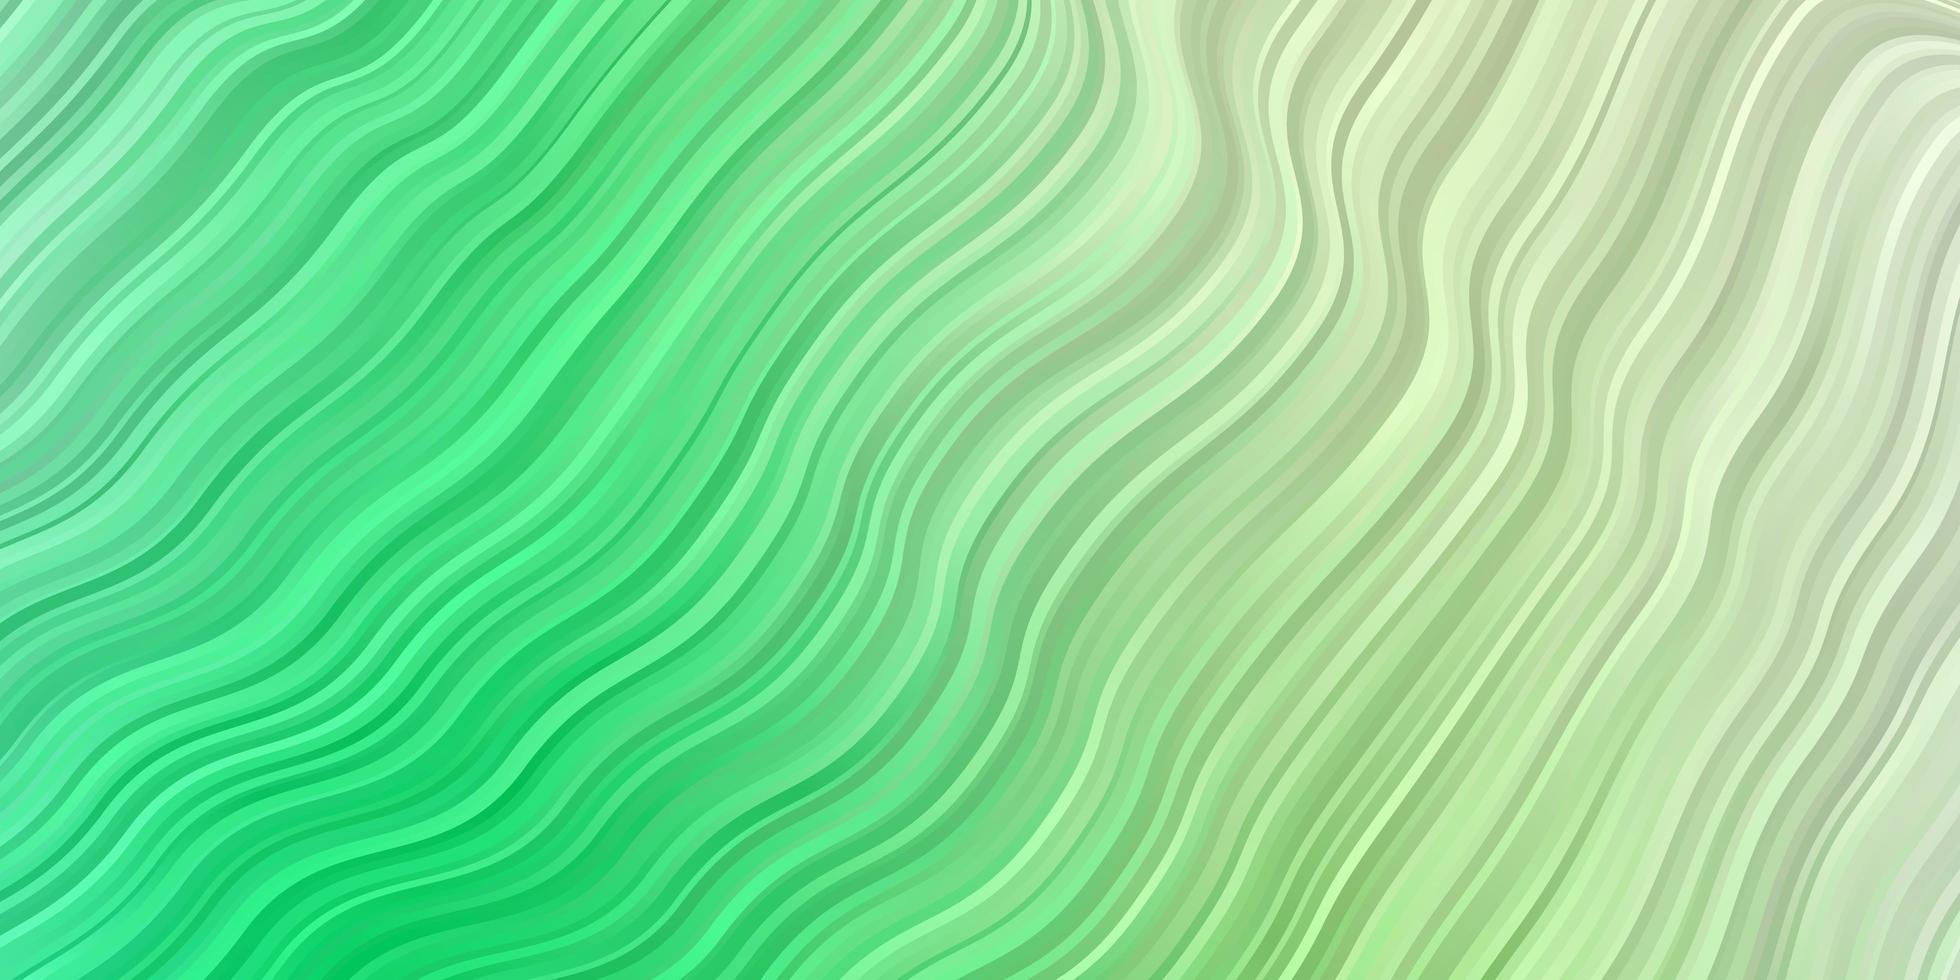 lichtgroen vectorpatroon met wrange lijnen. vector